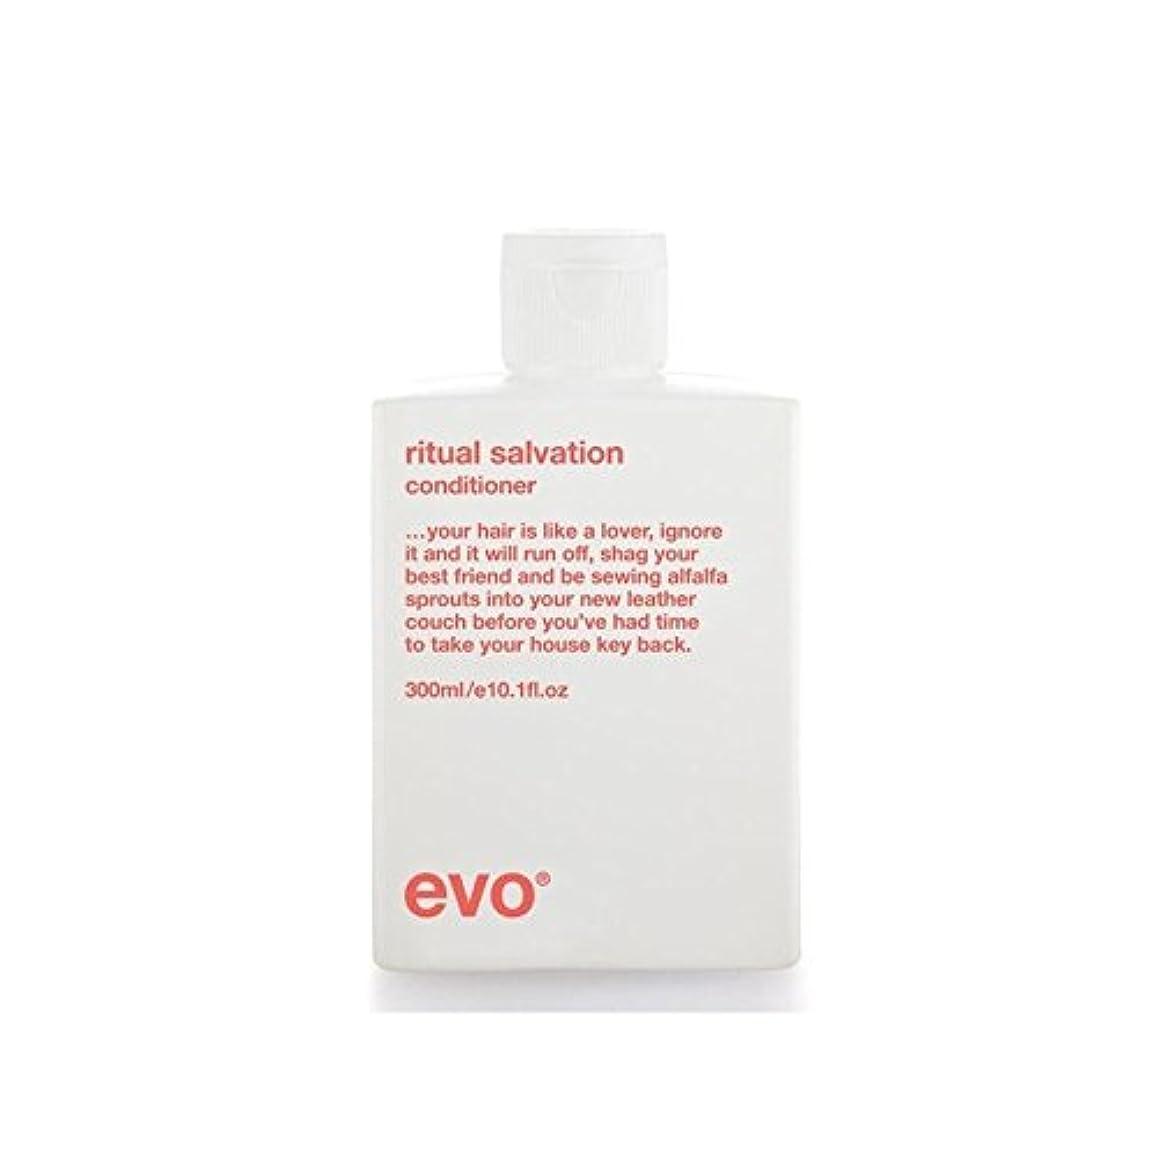 野生ゴールデン立方体Evo Ritual Salvation Conditioner (300ml) - 儀式救いコンディショナー(300ミリリットル) [並行輸入品]